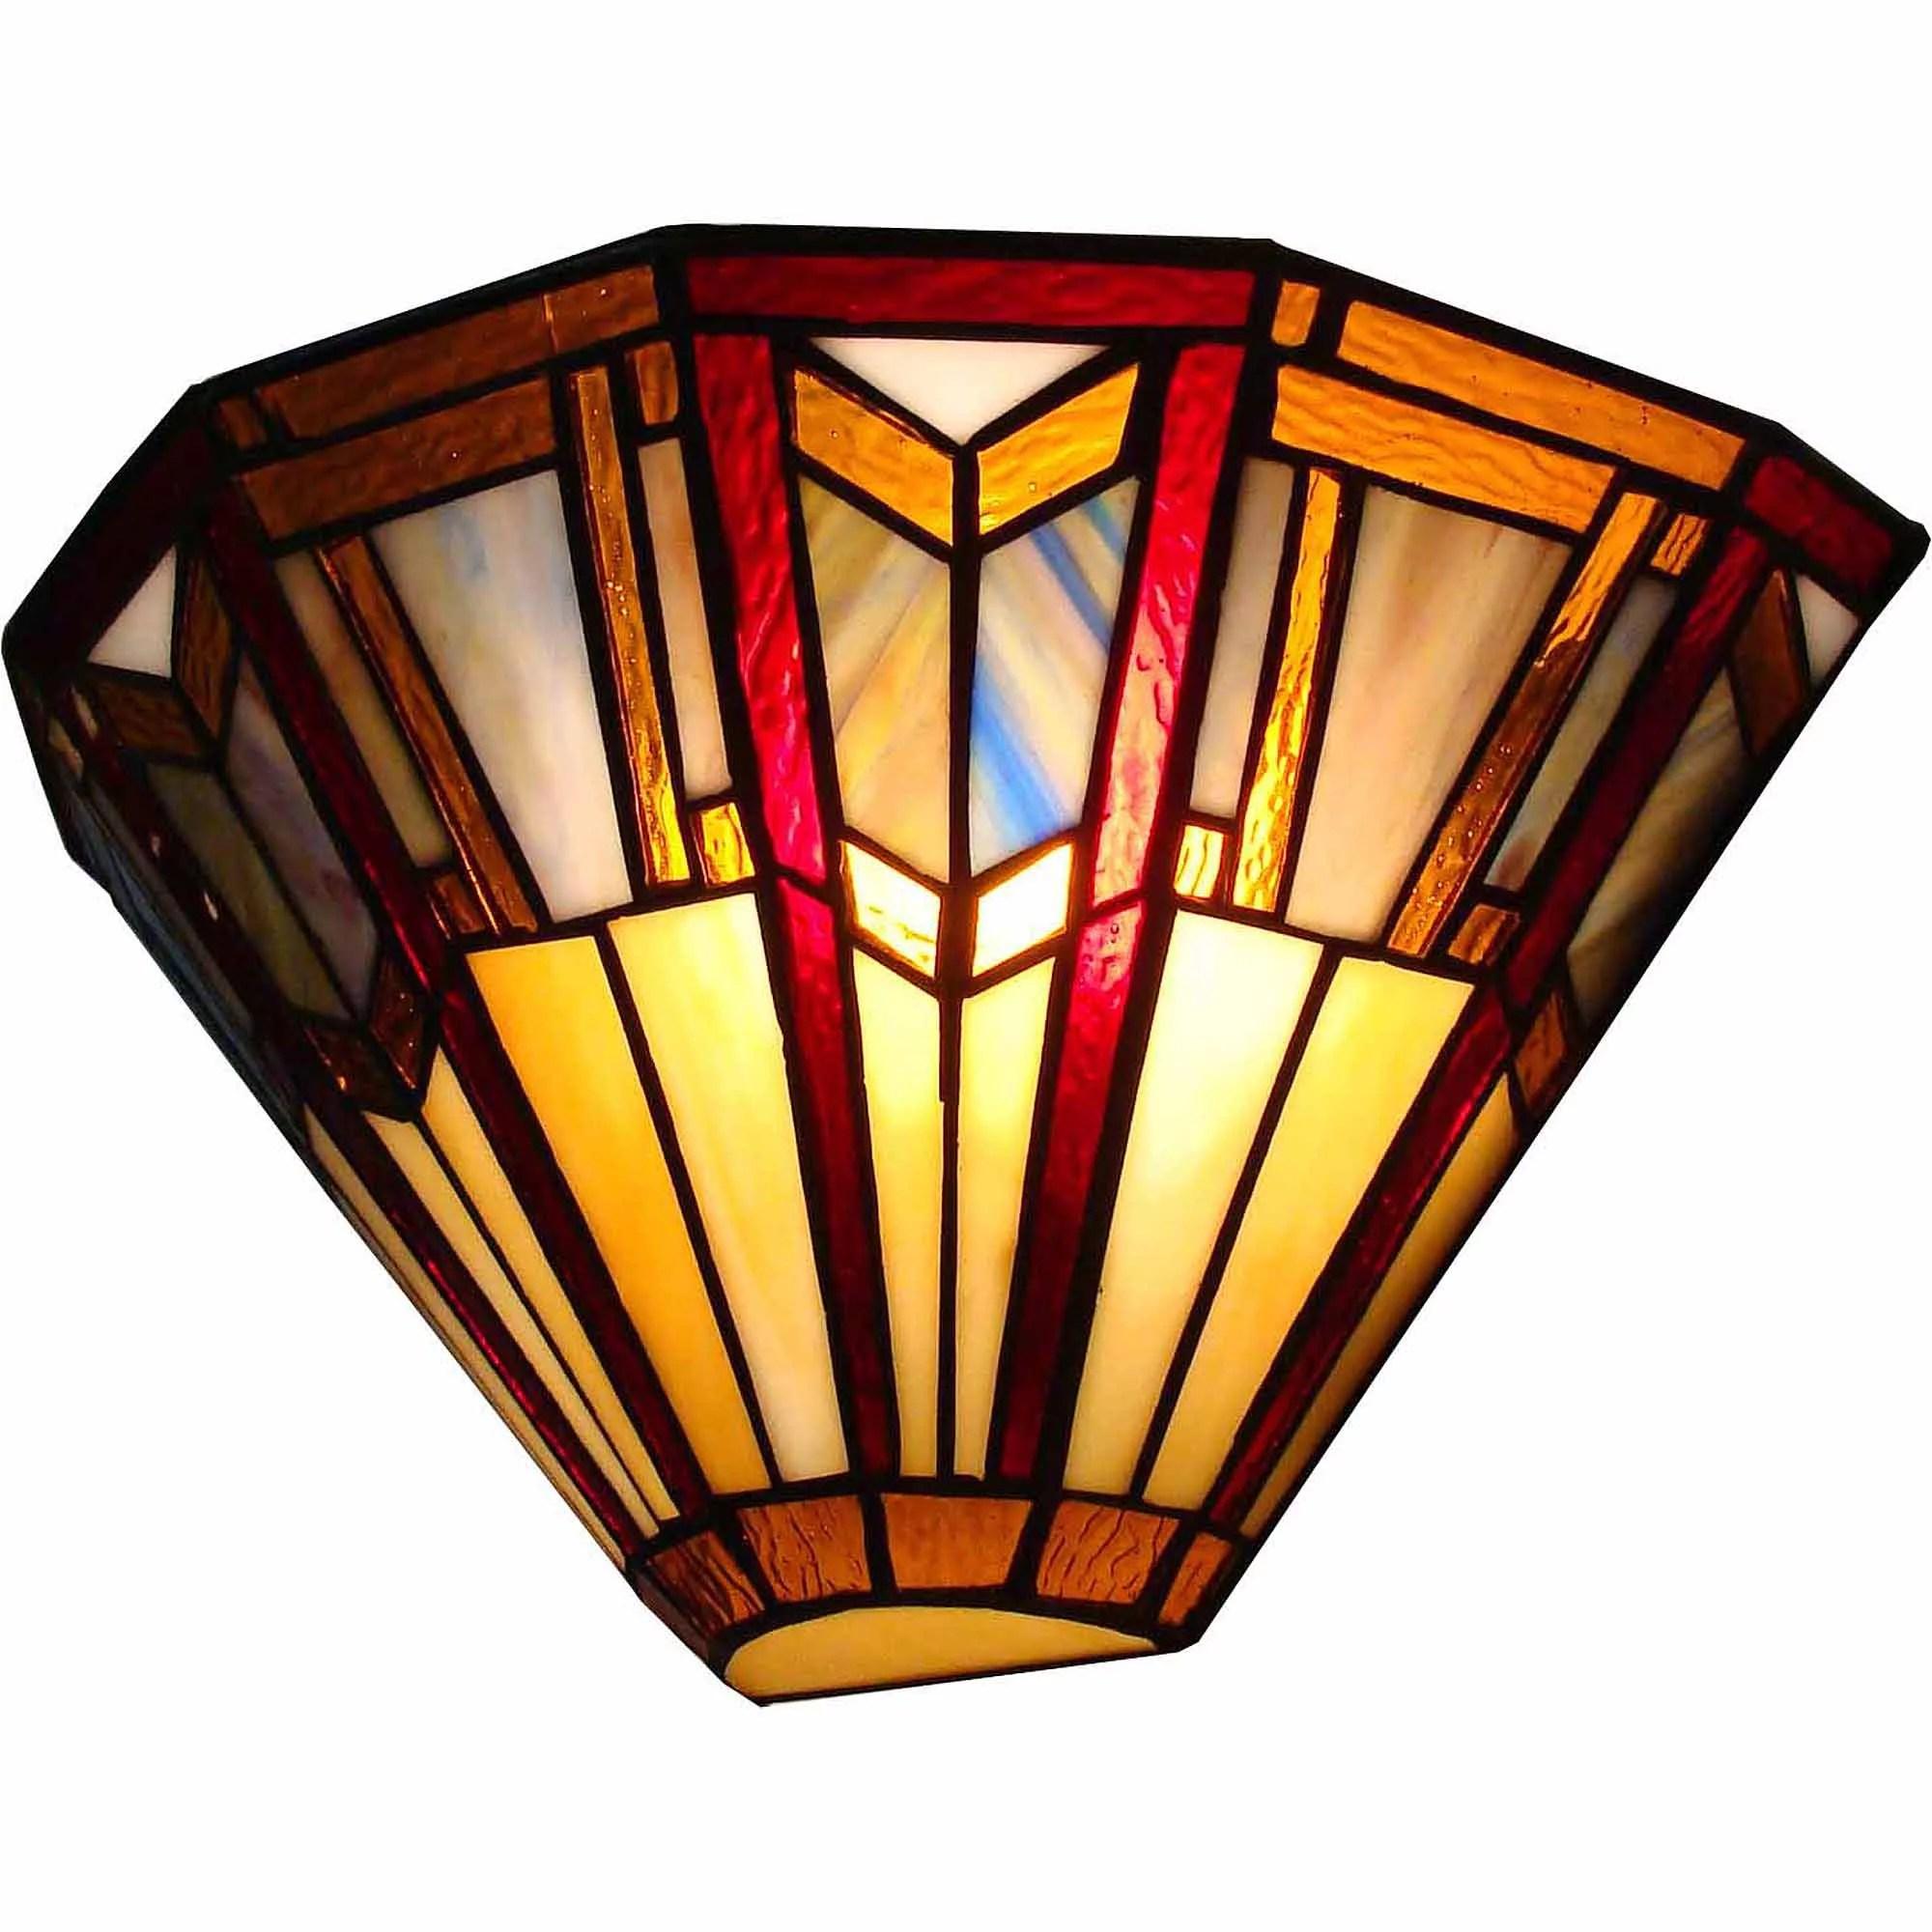 Tiffany Wall Sconce Lamp